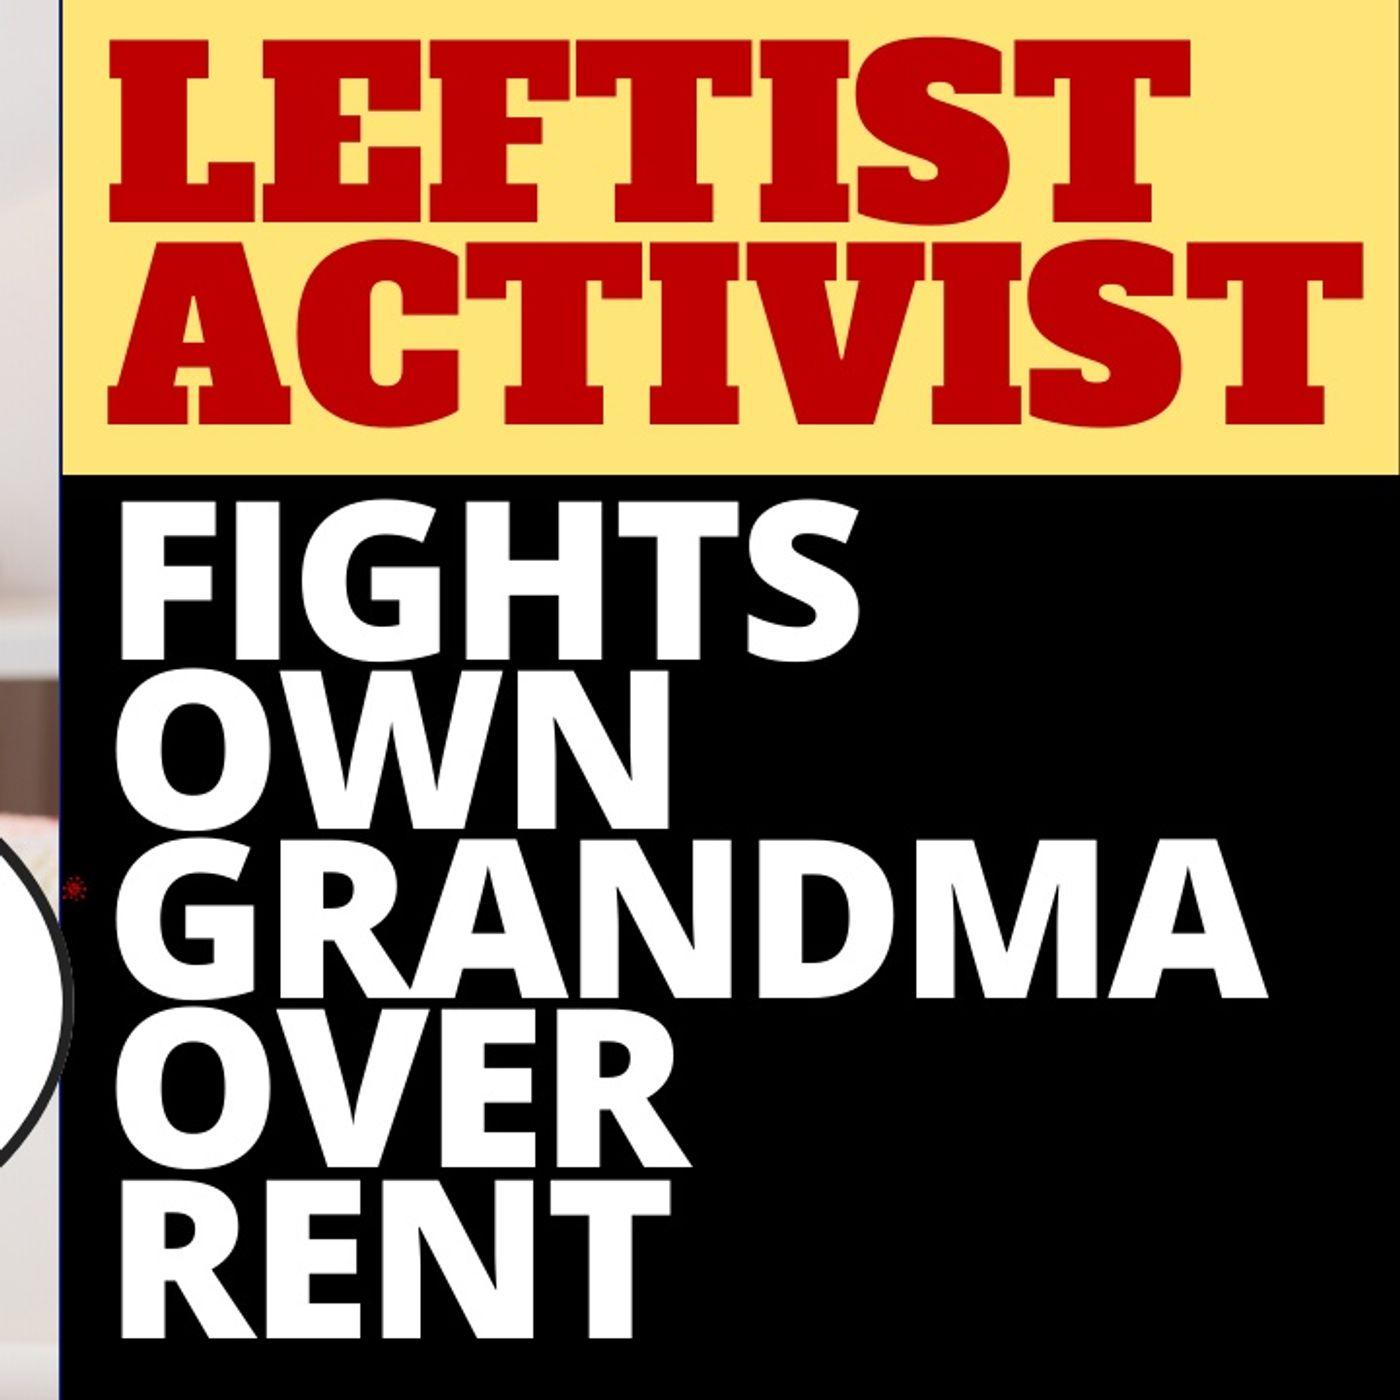 LEFTIST ACTIVIST DENOUNCES OWN GRAMMY OVER RENT